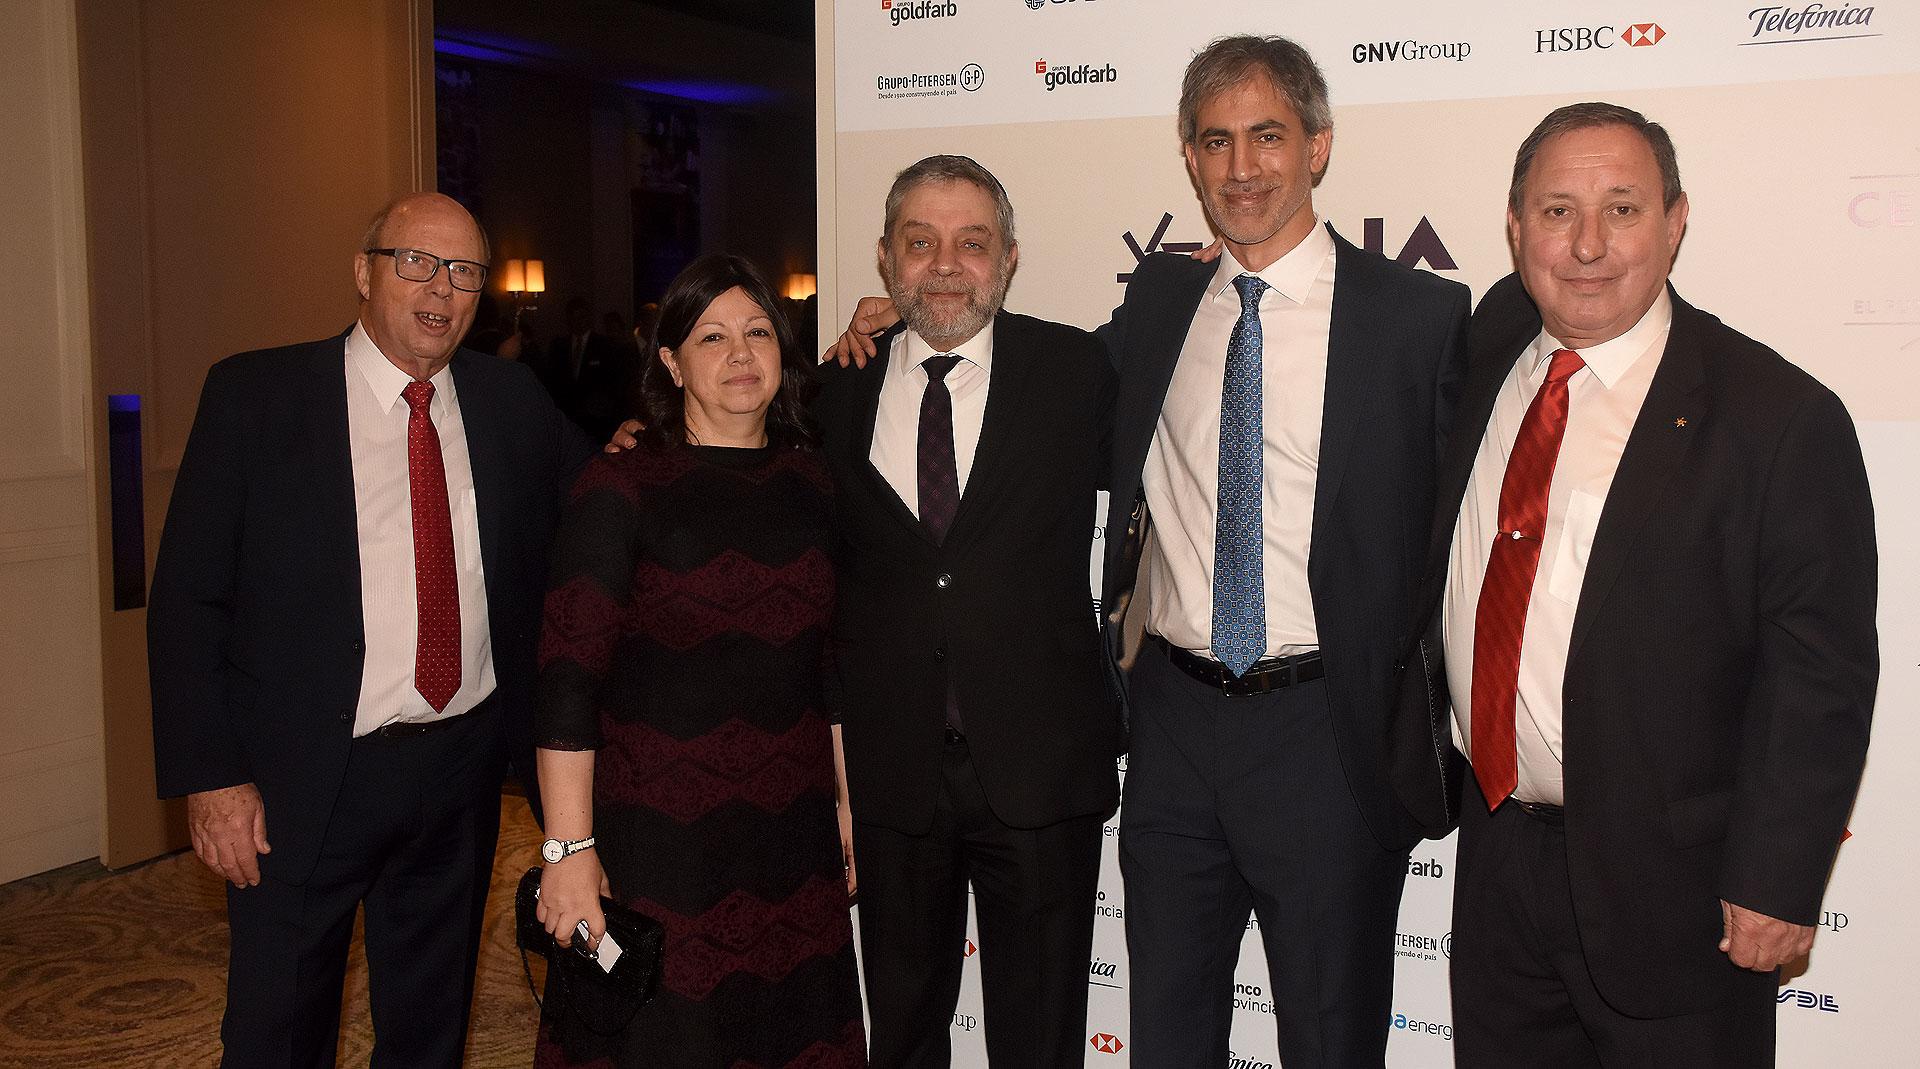 Mario Sobol, ex secretario general de AMIA; Leonardo Jmelnitzky, ex presidente de AMIA, y su mujer; el abogado Miguel Bronfman y el secretario de actas de AMIA, Gabriel Gutesman